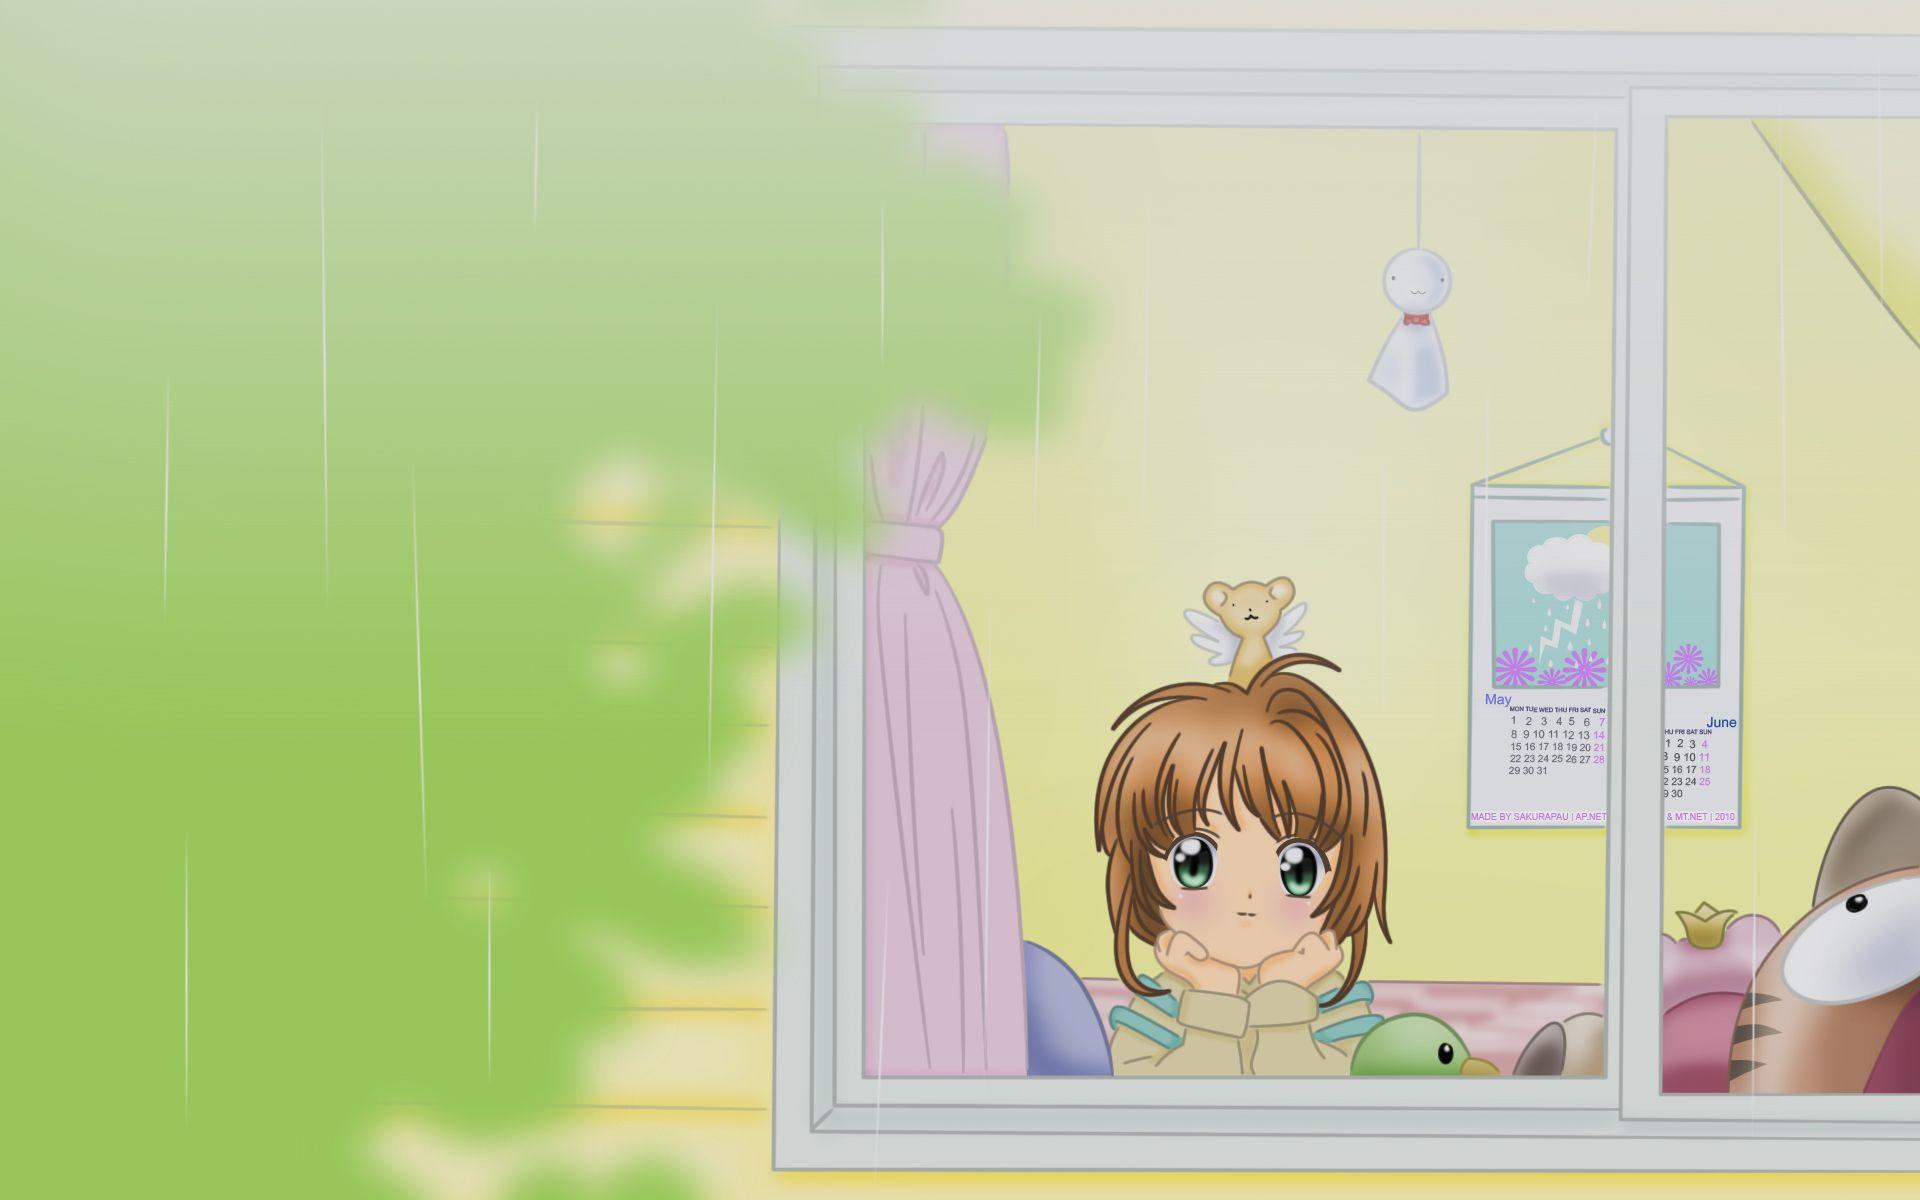 Cardcaptor Sakura Computer Wallpapers Desktop Backgrounds 1920x1200 Id 110796 Cardcaptor Sakura Anime Wallpaper Sakura Card